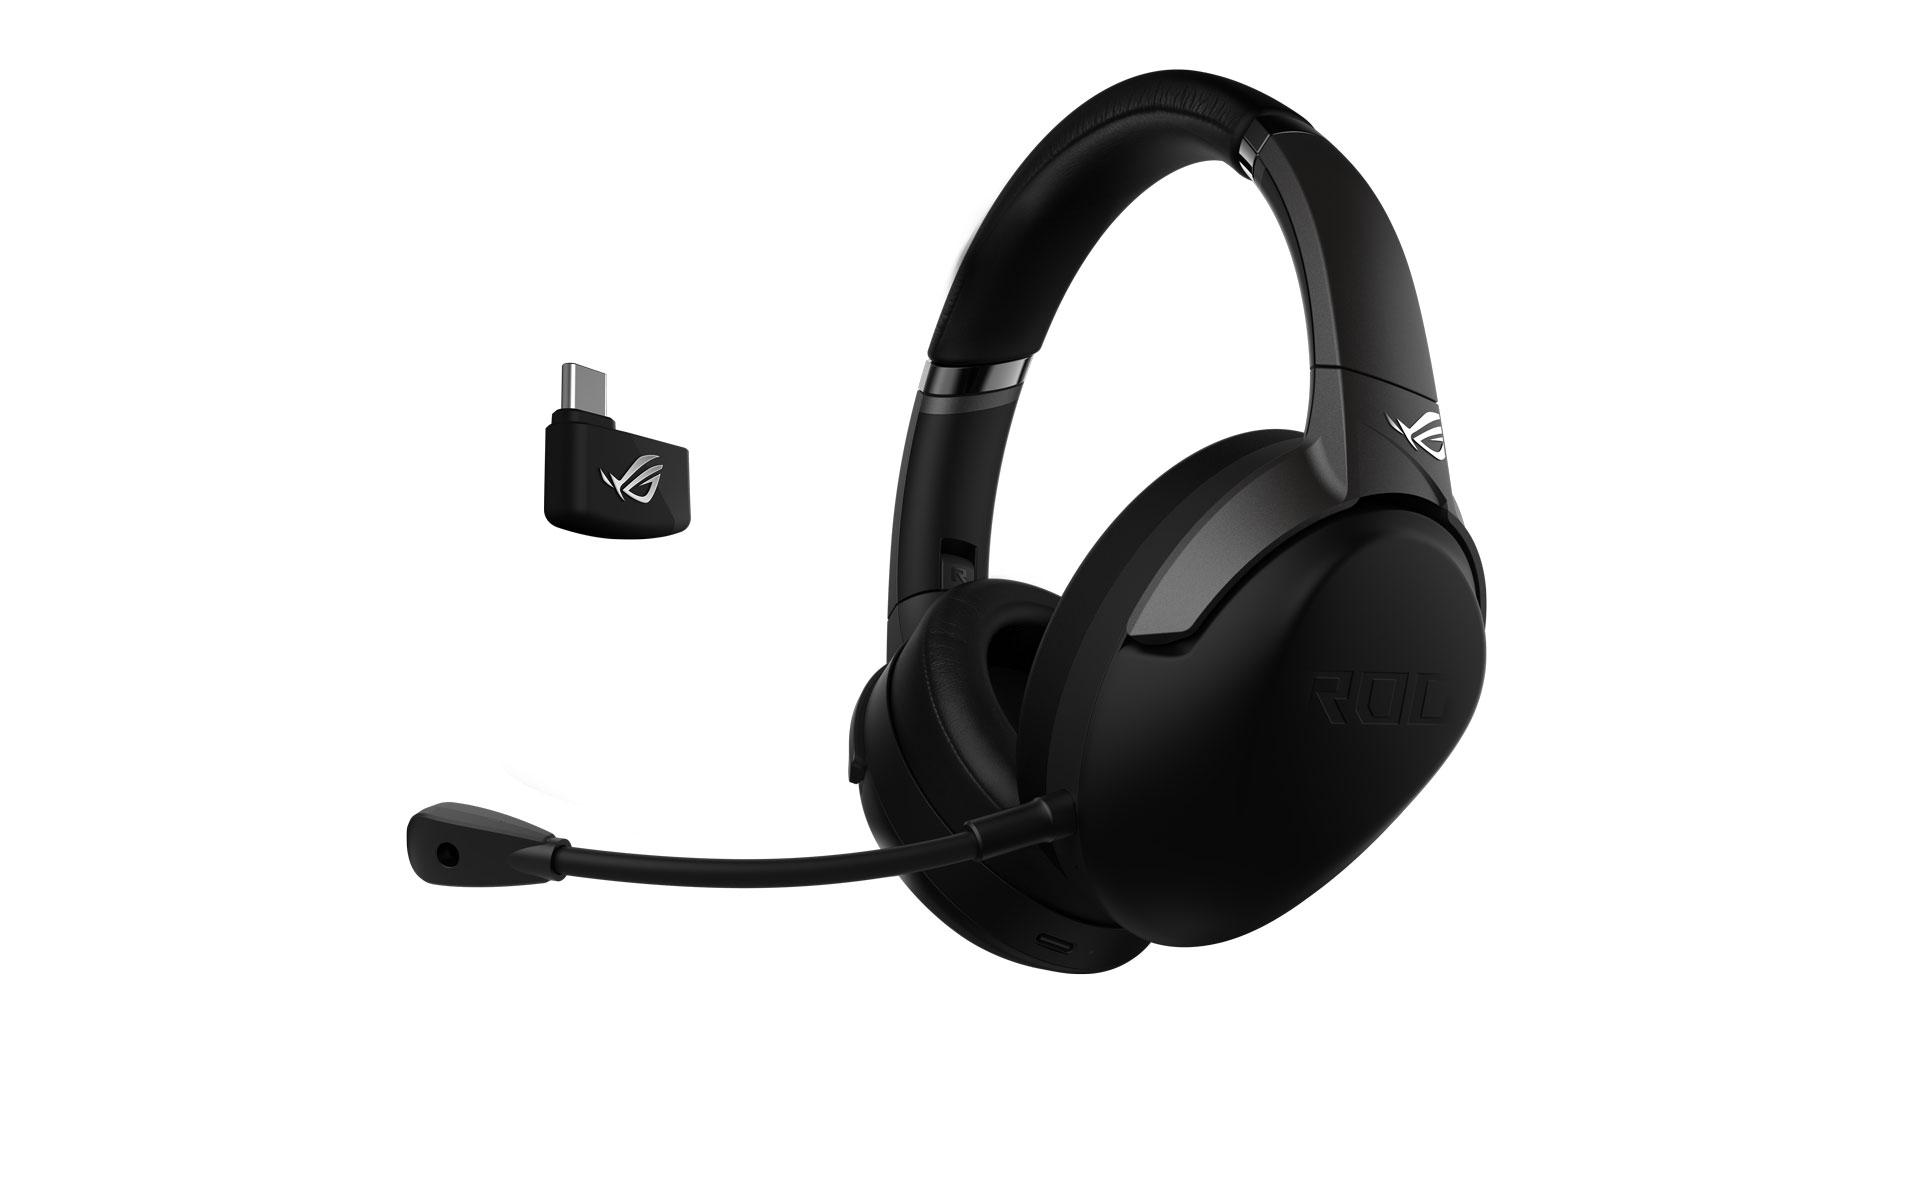 Disponibili in Italia le Asus ROG Strix Go 2.4,  cuffie gaming wireless con connessione USB-C 1